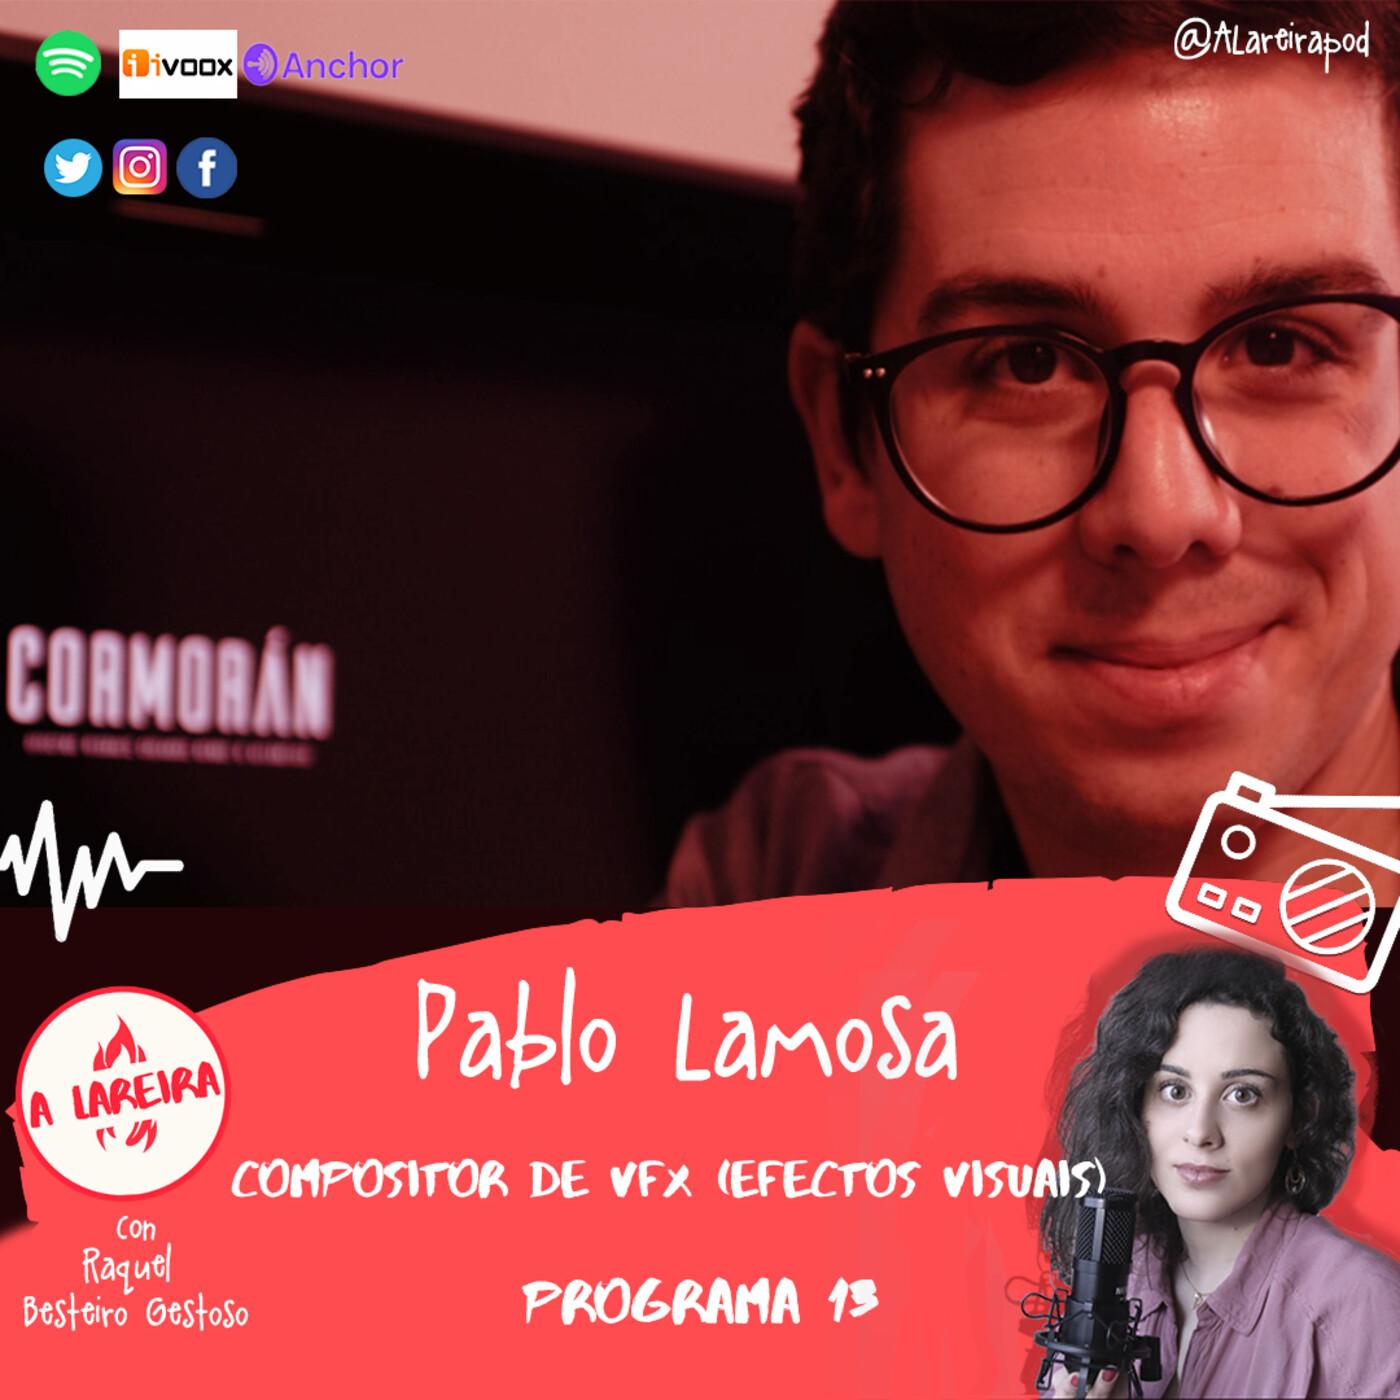 Pablo Lamosa e os efectos visuais dende Galicia